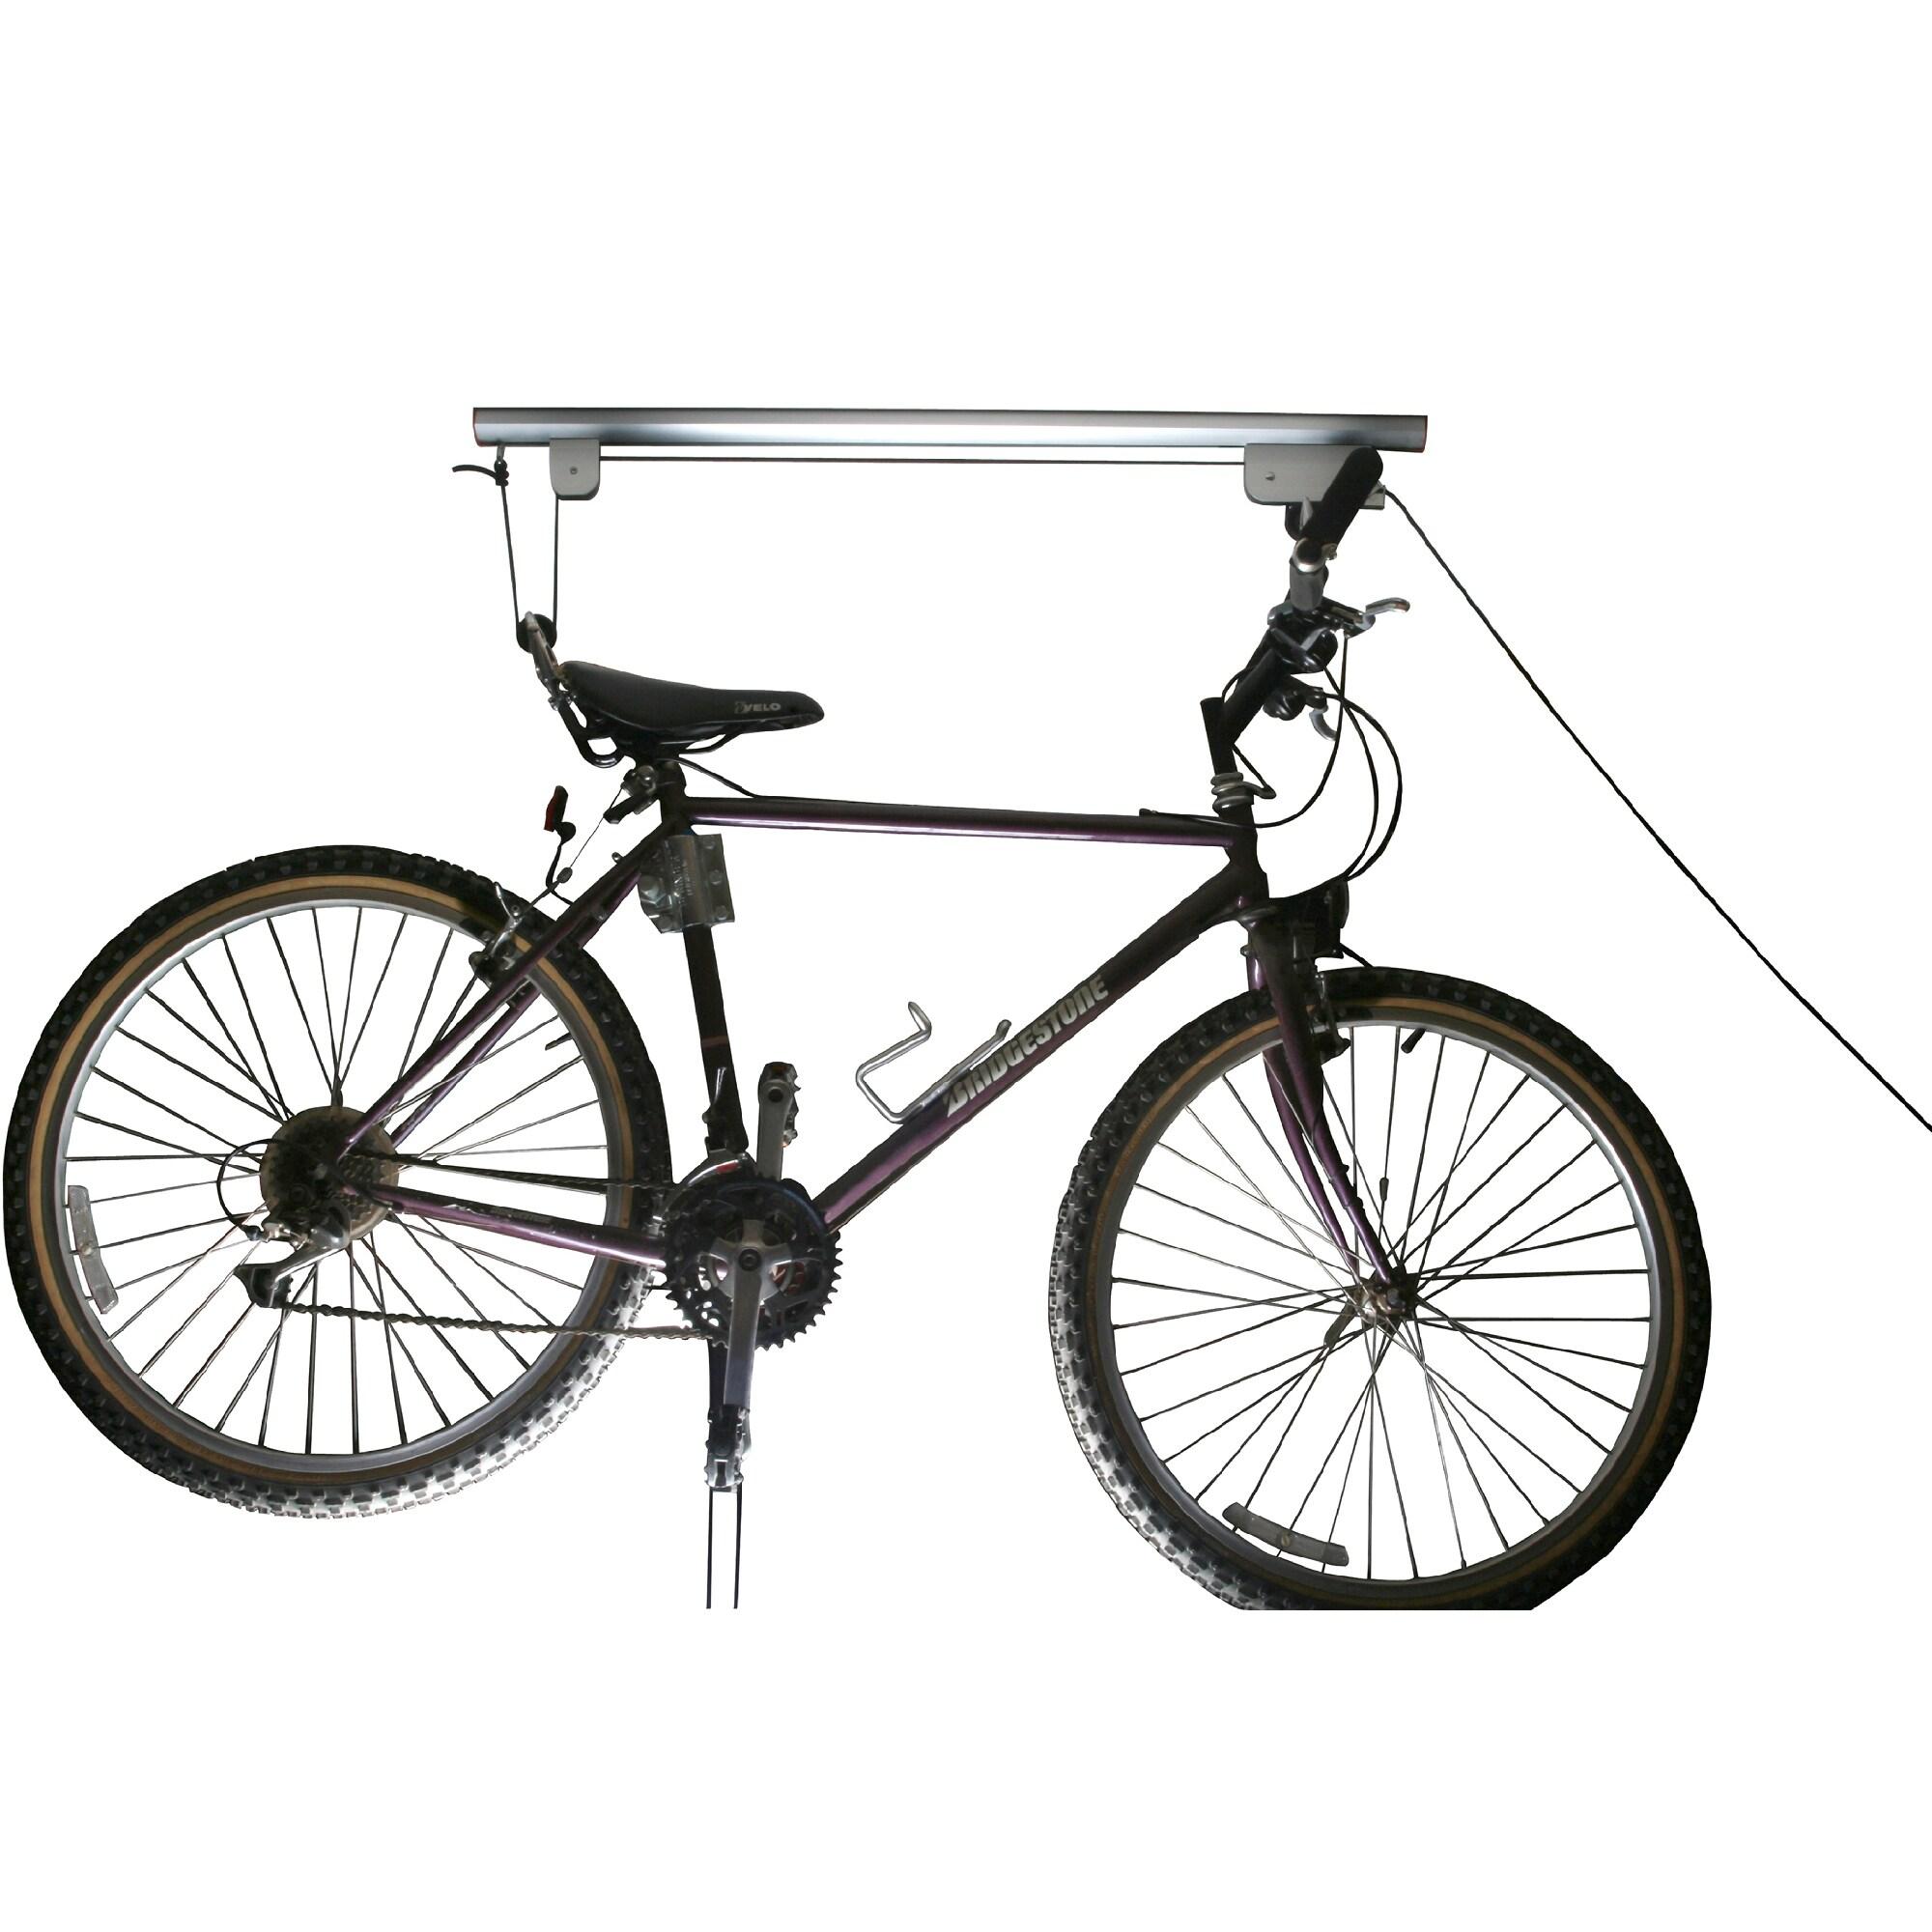 k wayfair freestanding bike to stoneman mount sports rak dbr ceiling rack floor ceilings q